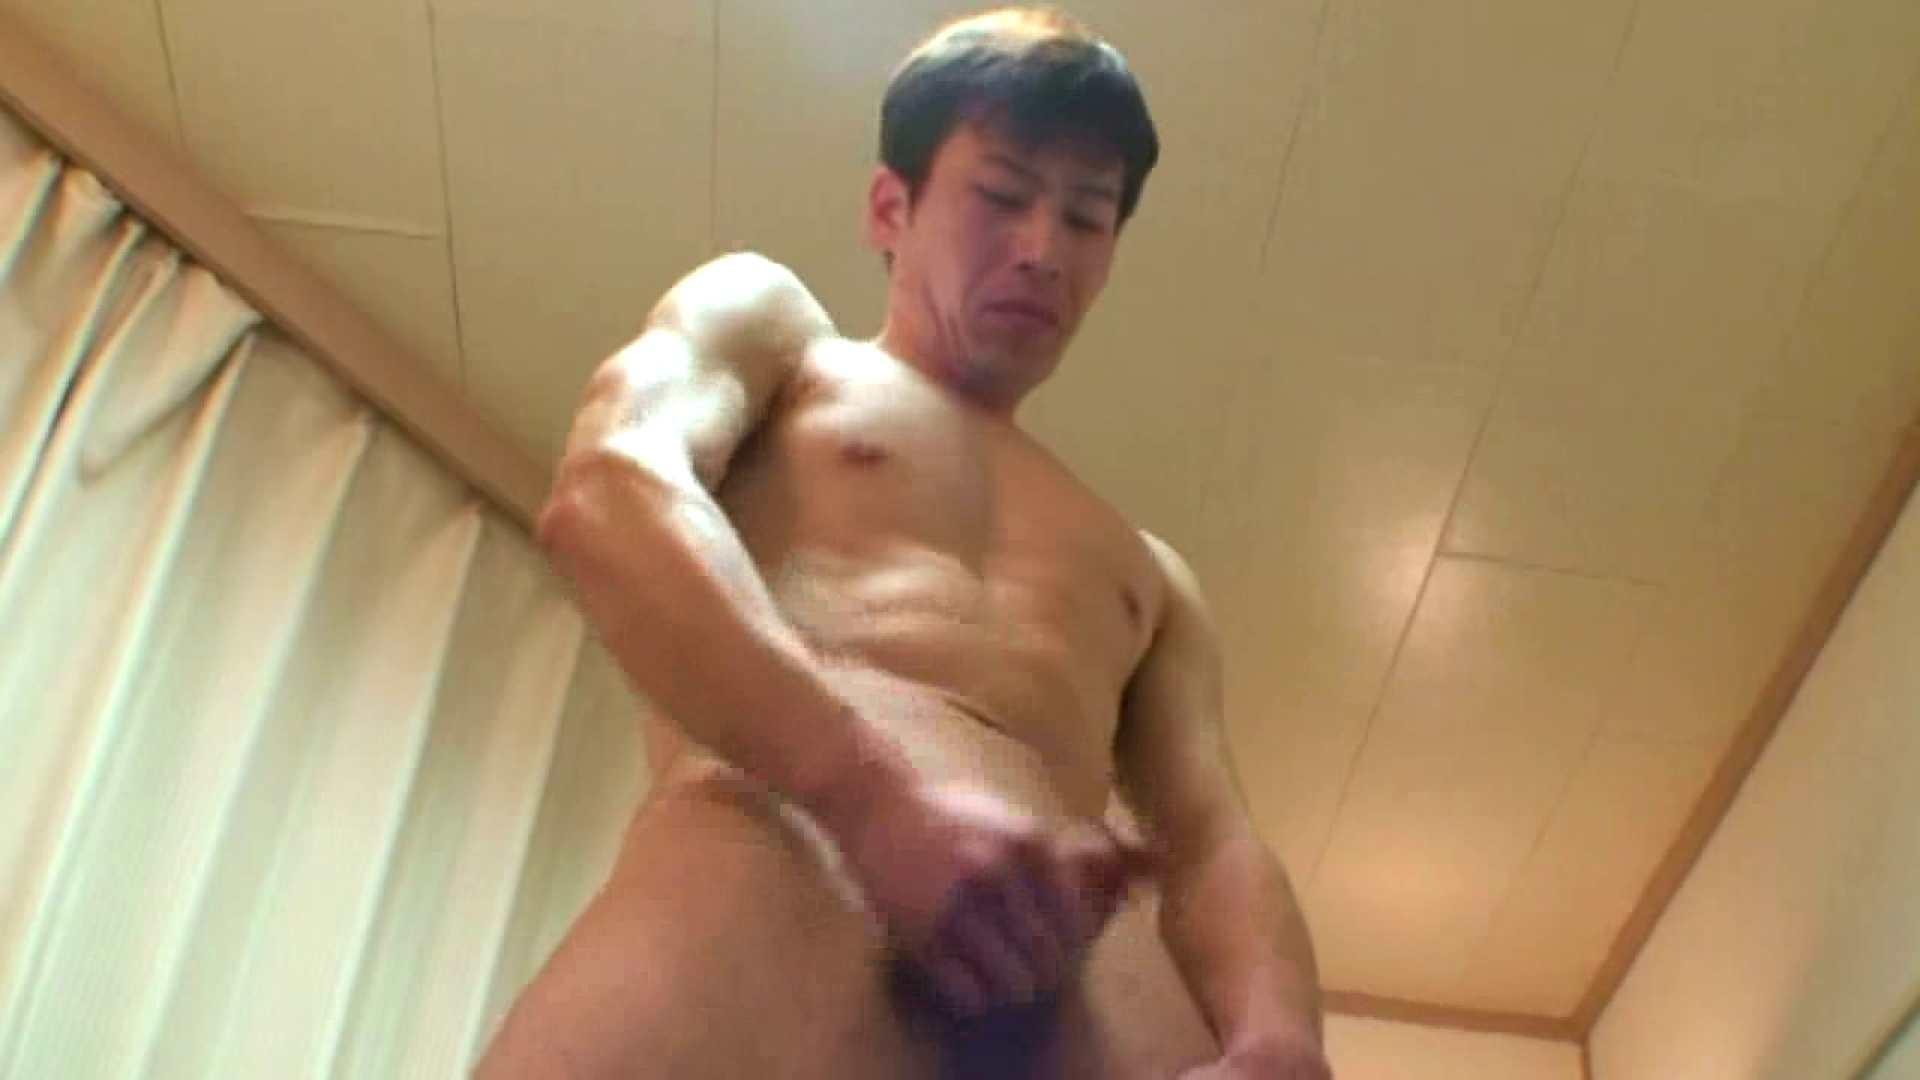 ノンケ!自慰スタジオ No.19 ノンケ  97pic 11